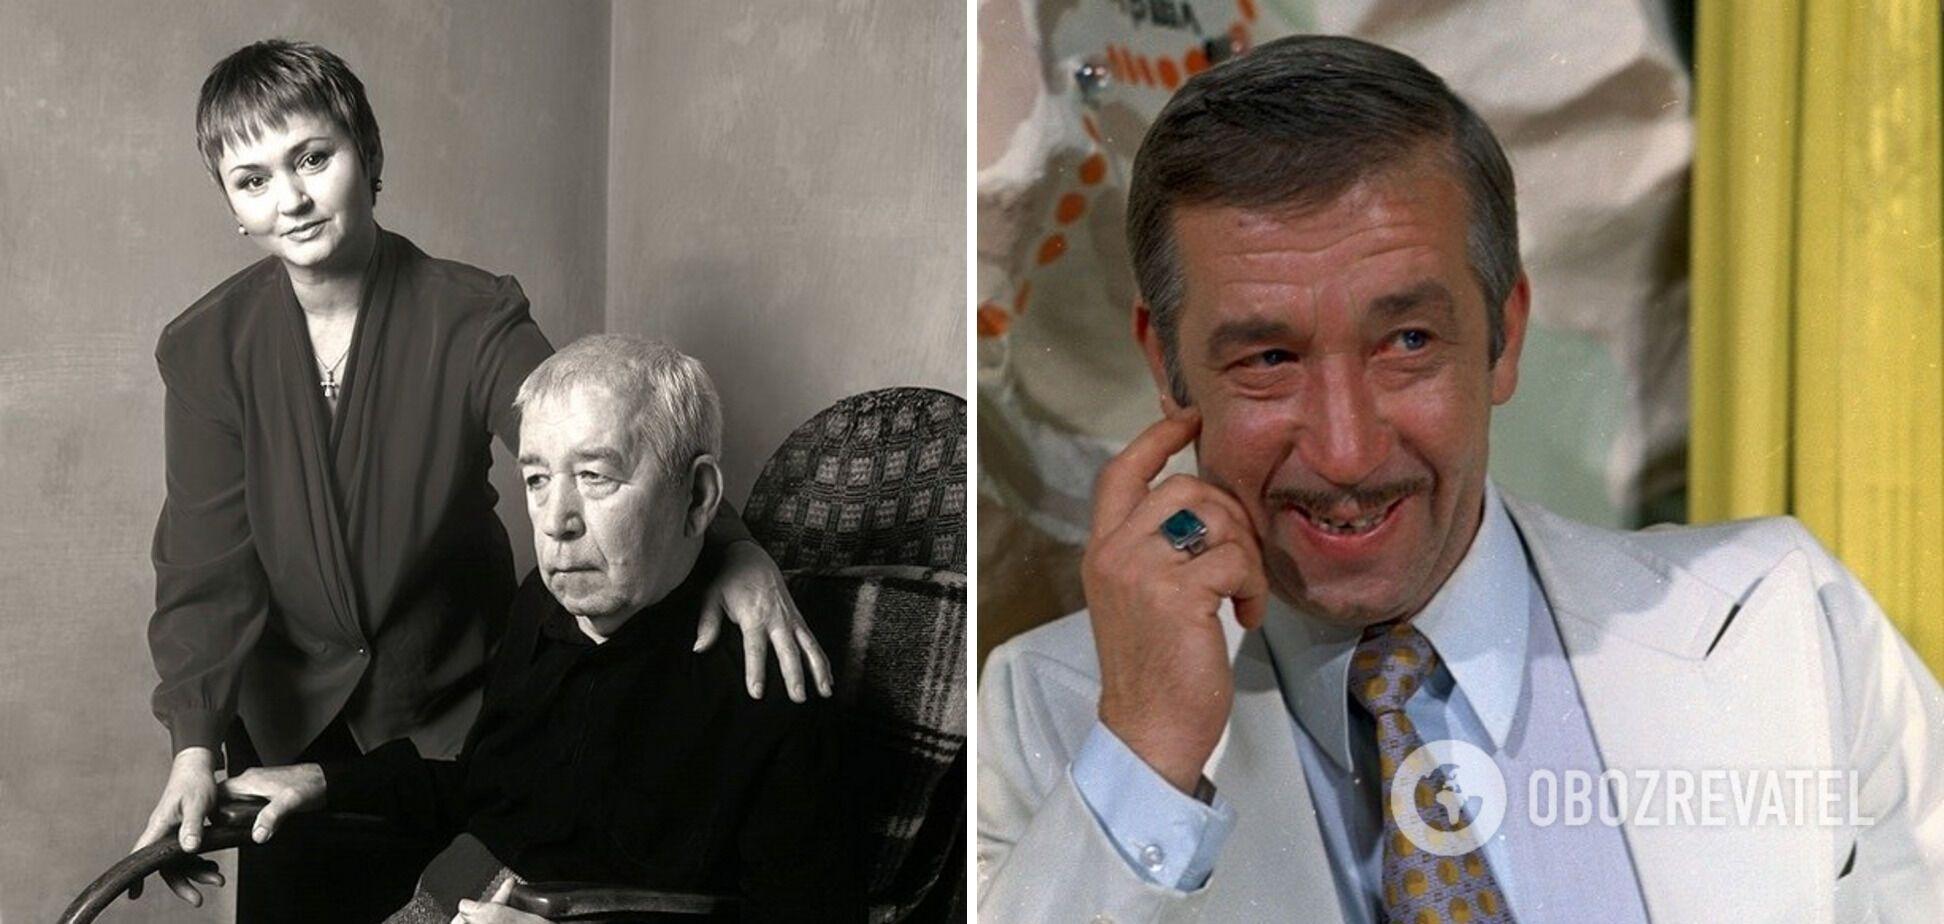 Борислав Брондуков умер в возрасте 66 лет